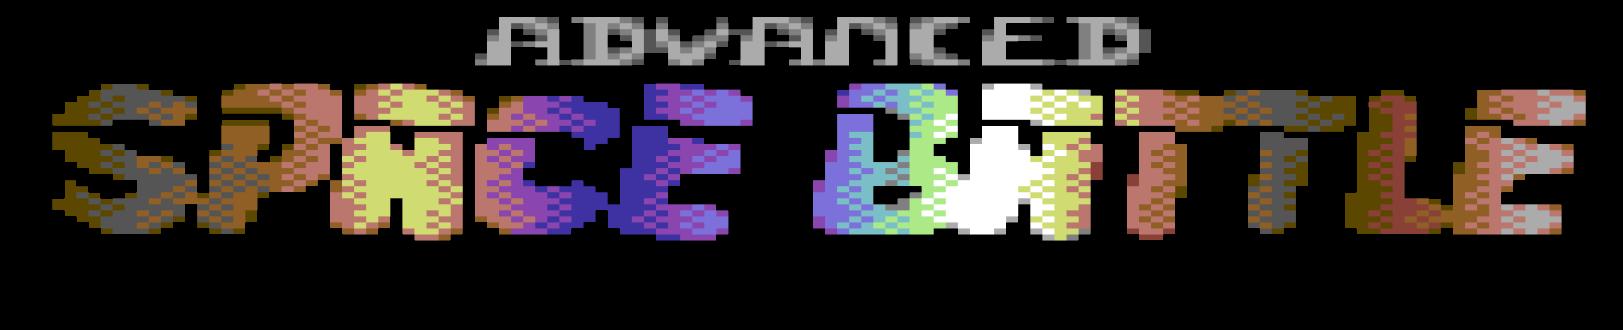 Advanced Space Battle (C64)